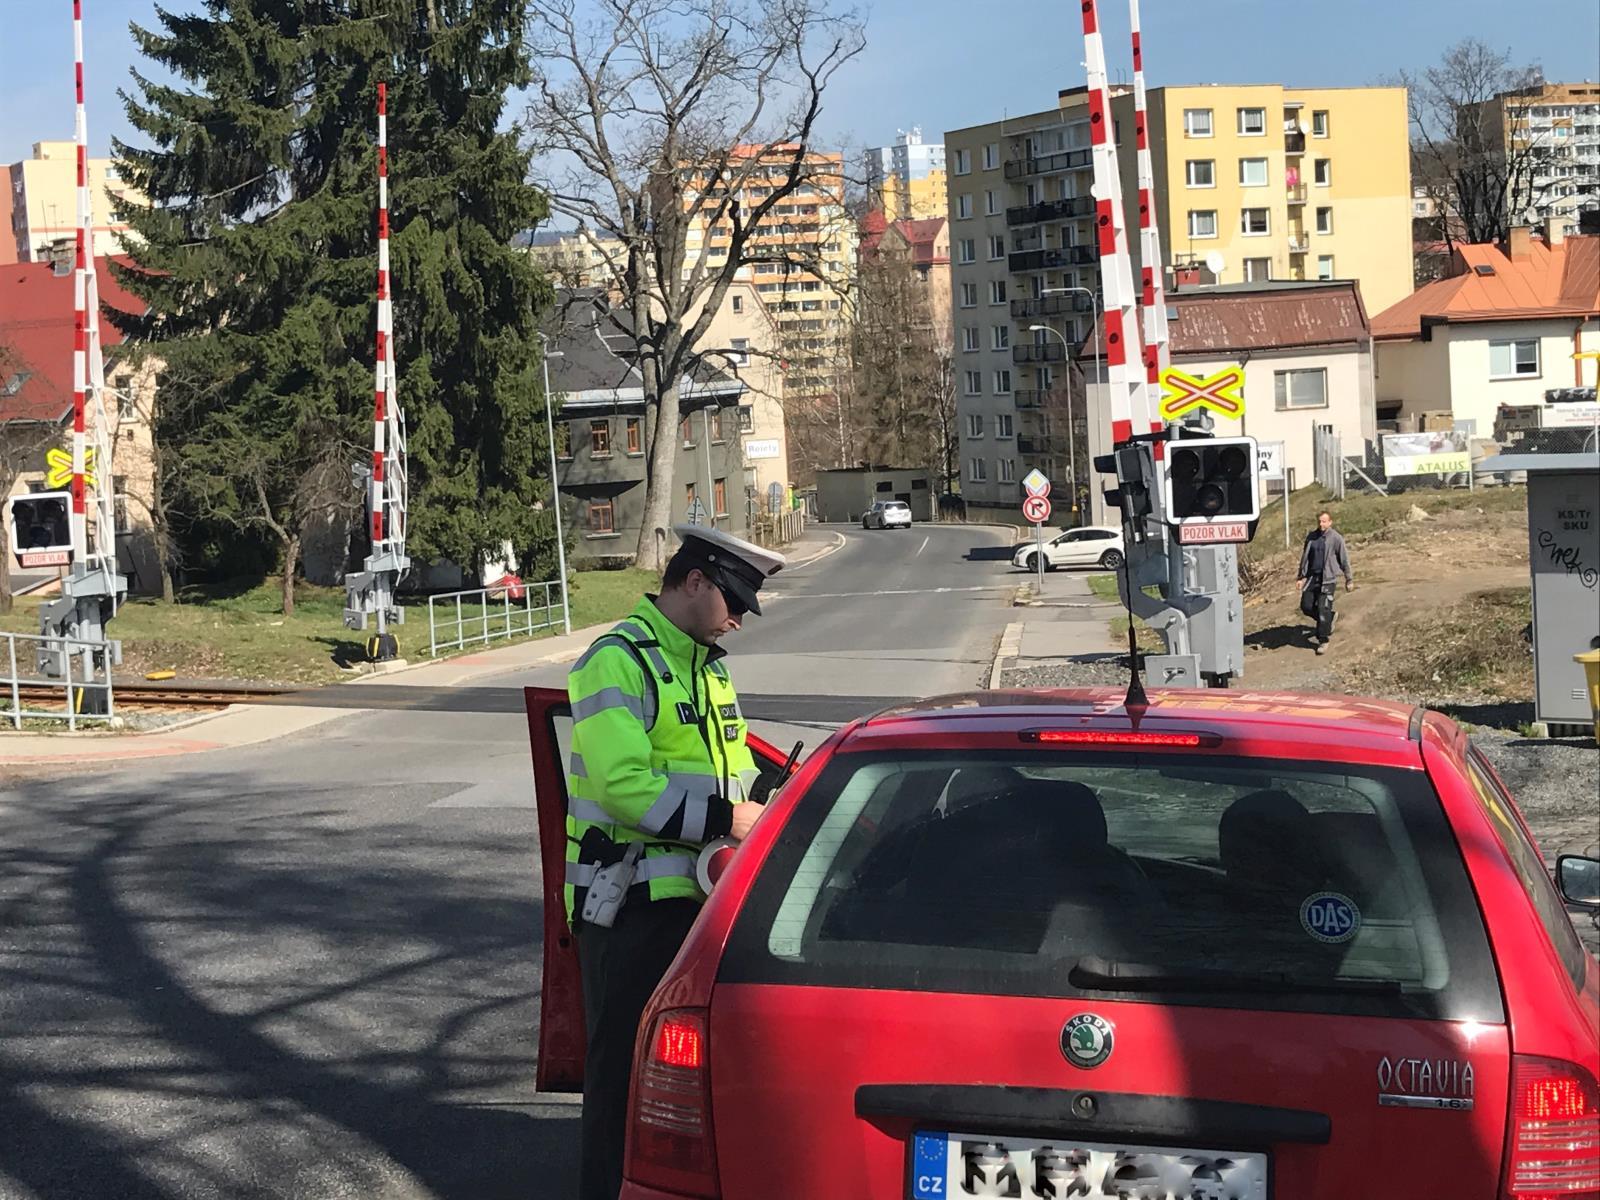 Kontroly policistů u přejezdů a na nástupištích<br />Autor: Archiv Policie ČR